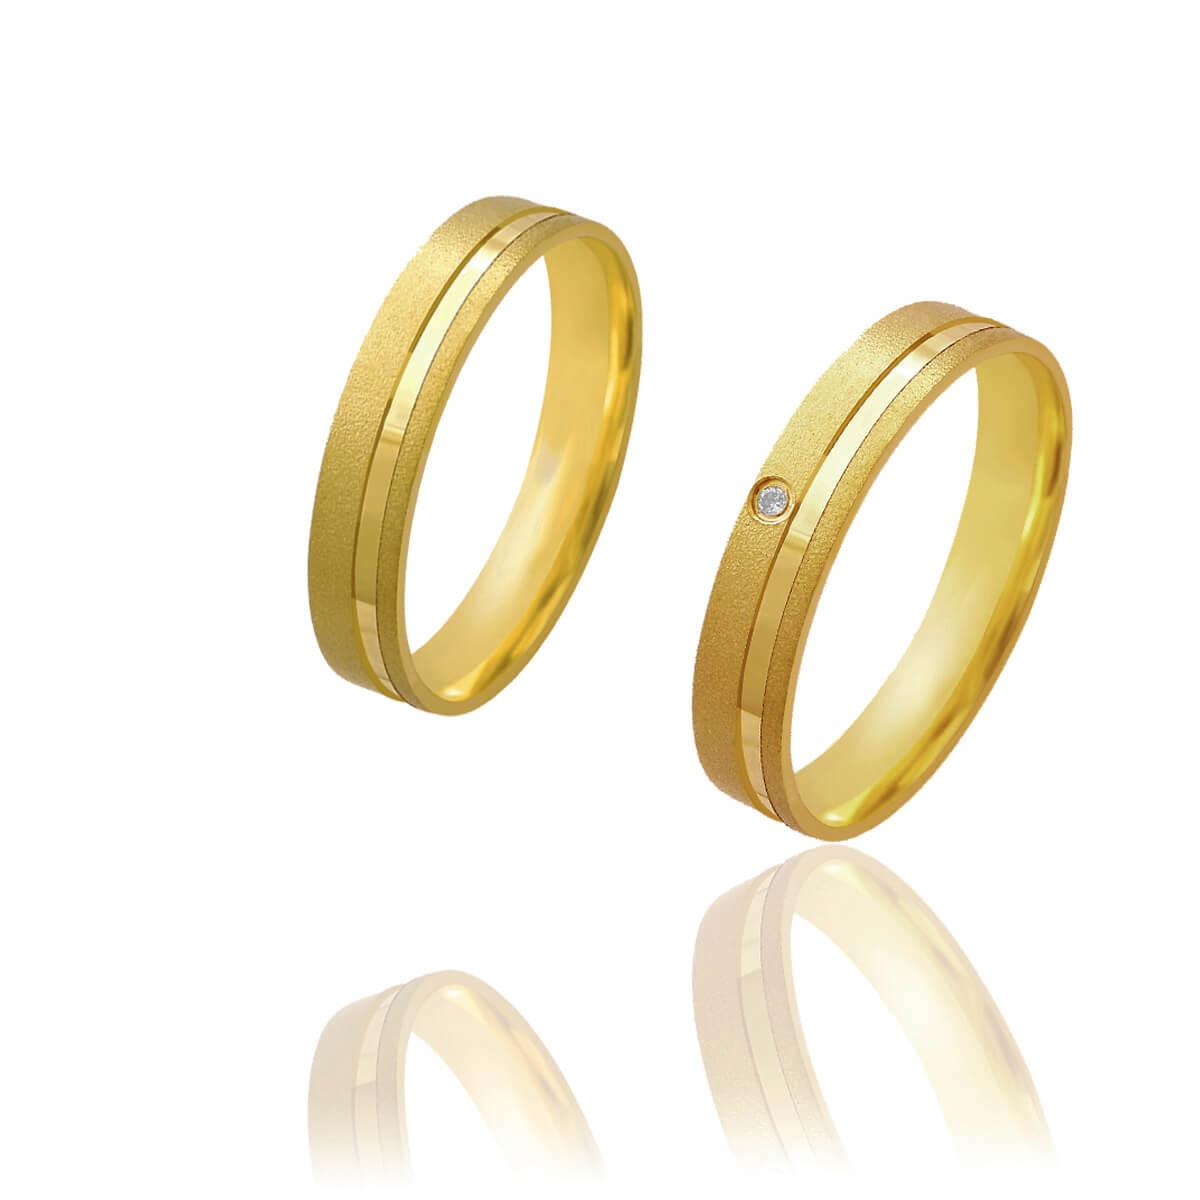 Par de Alianças de Casamento Afrodite Ouro 18k Diamantado com Friso e Brilhante 4,2mm 5.5g